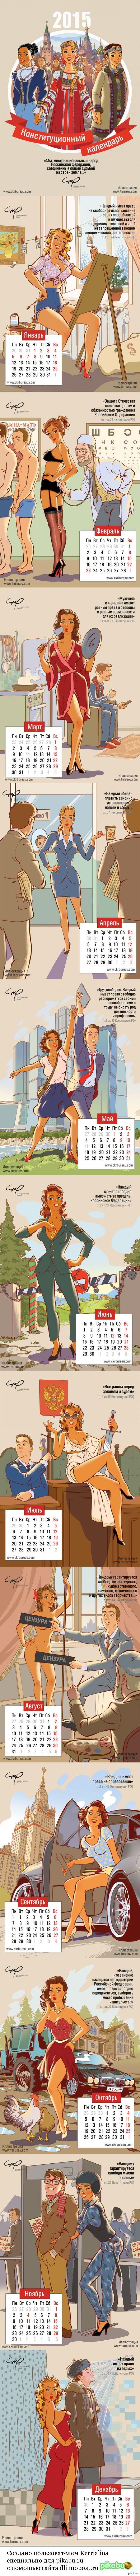 Конституционный календарь 2015   календарь, 2015, joyreactor, не мое, длиннопост